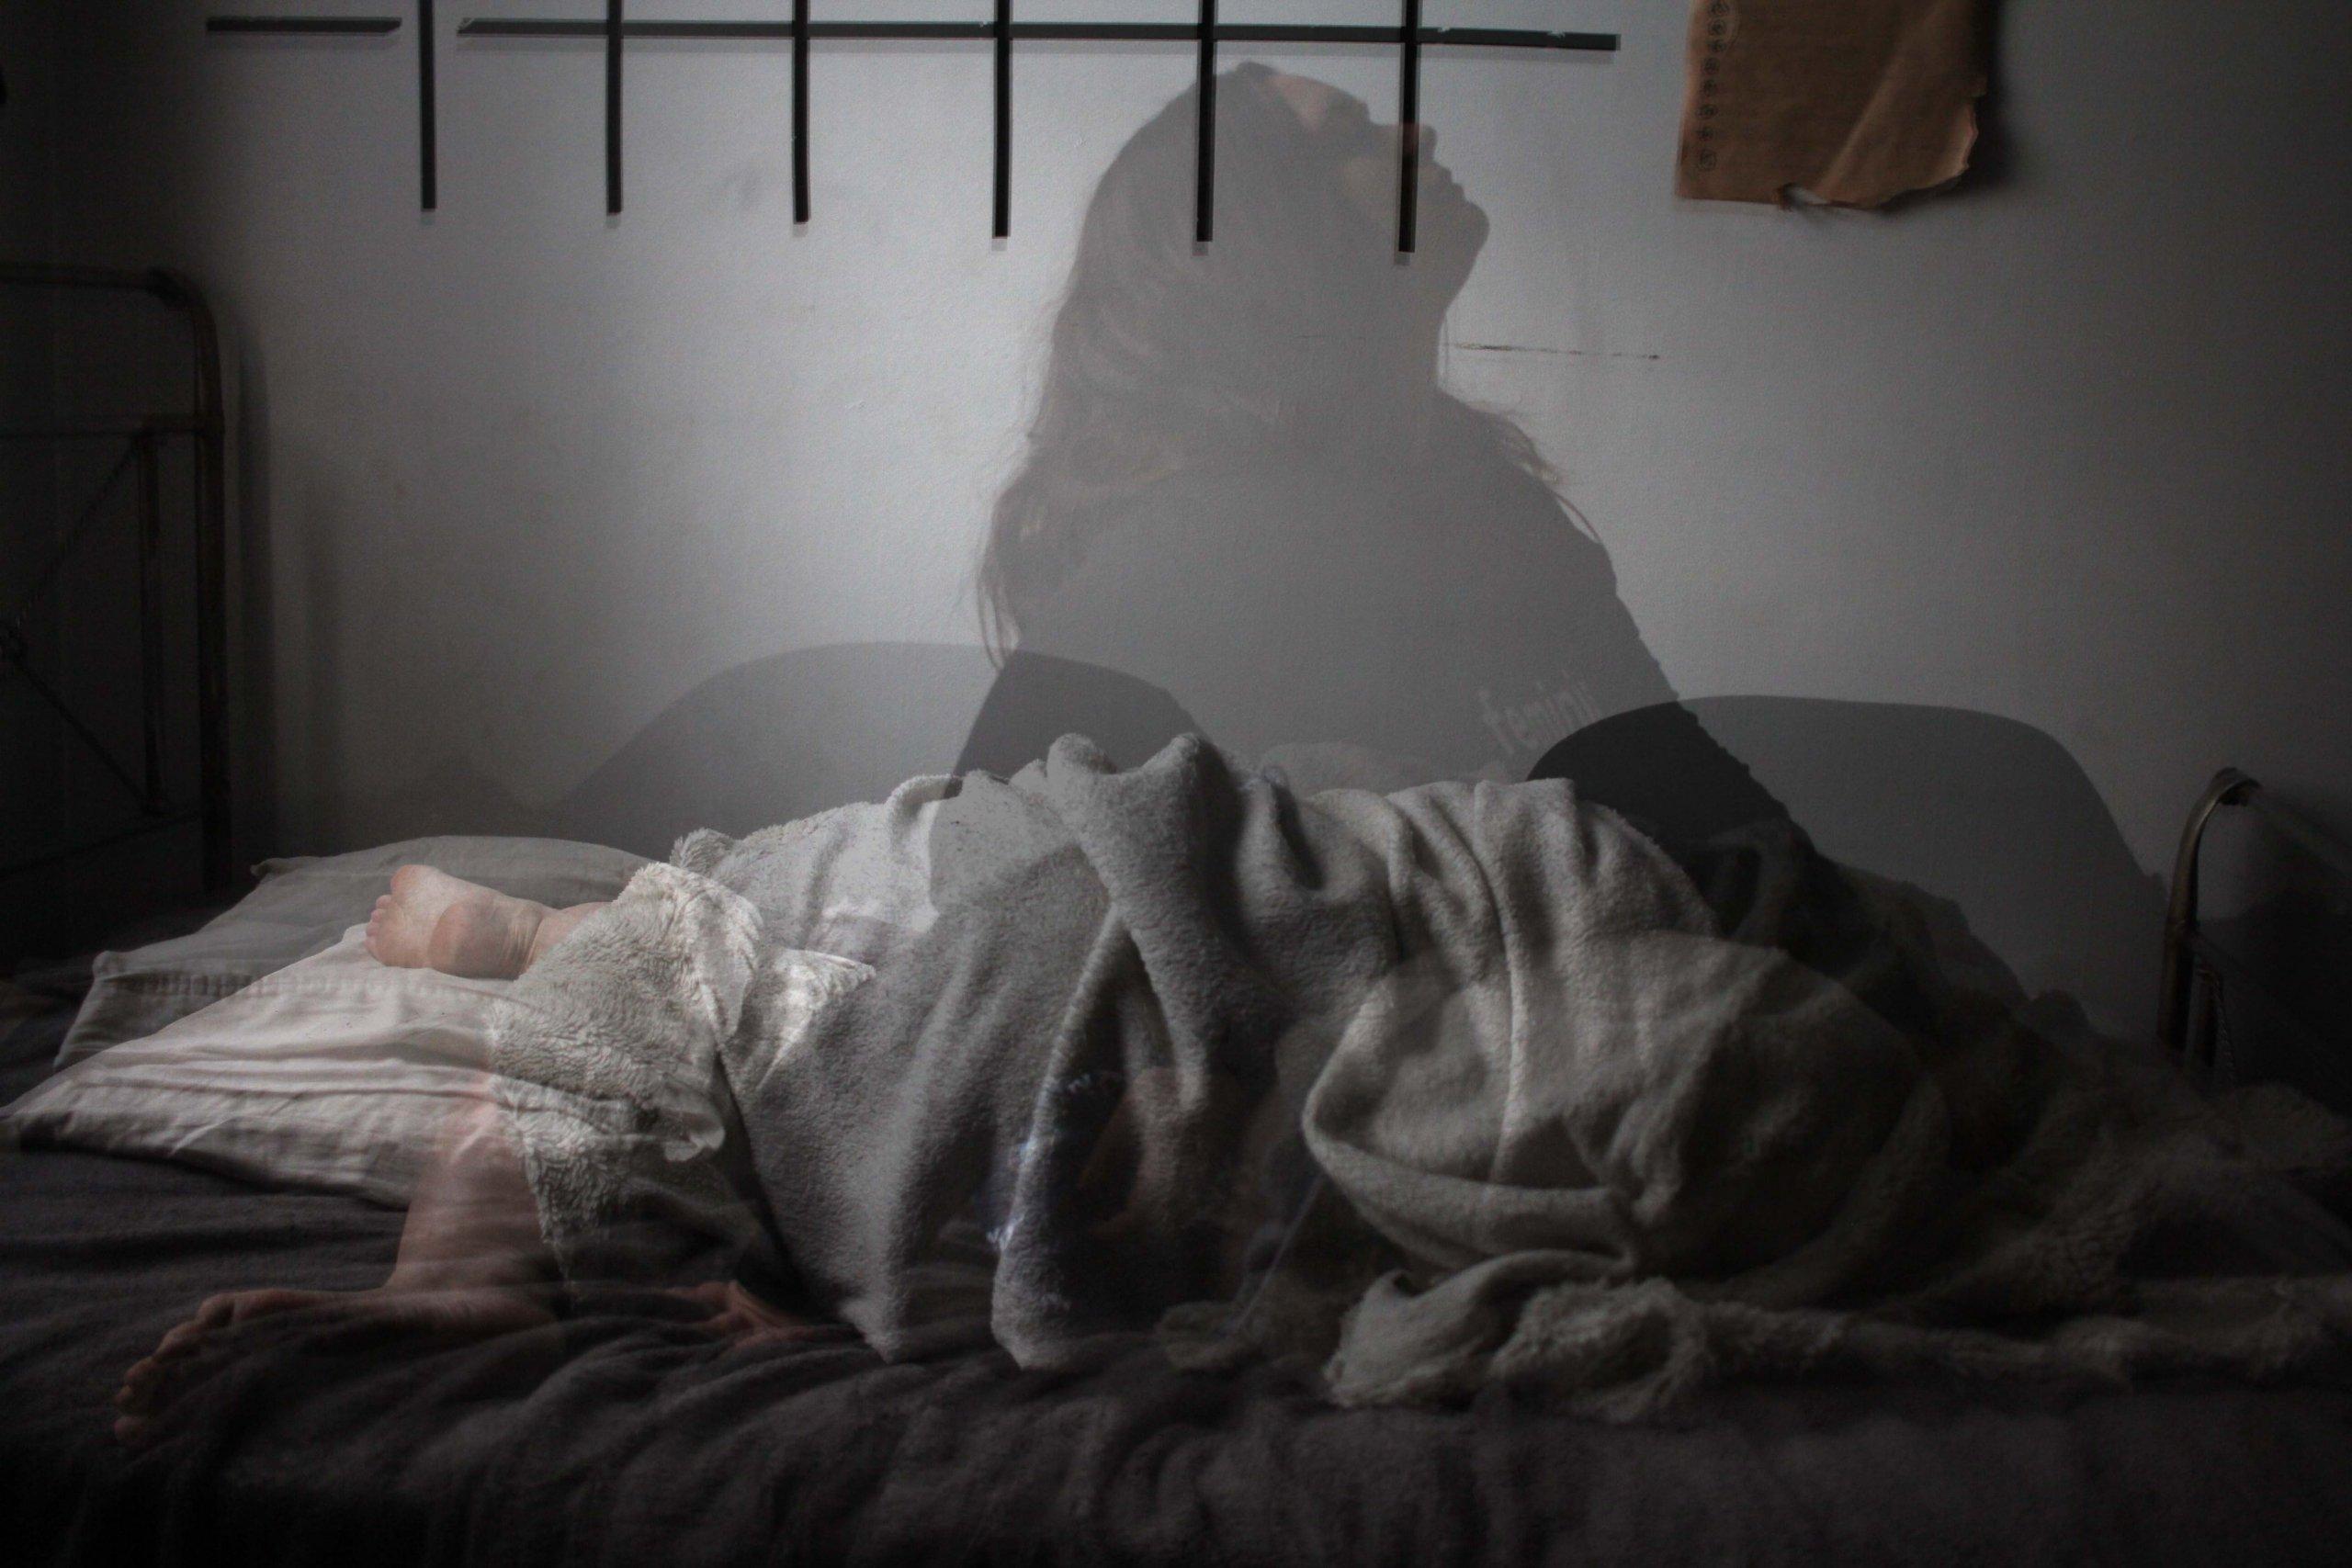 predbené noci z dôvodu nespavosti nás trápia z rôznych dôvodov